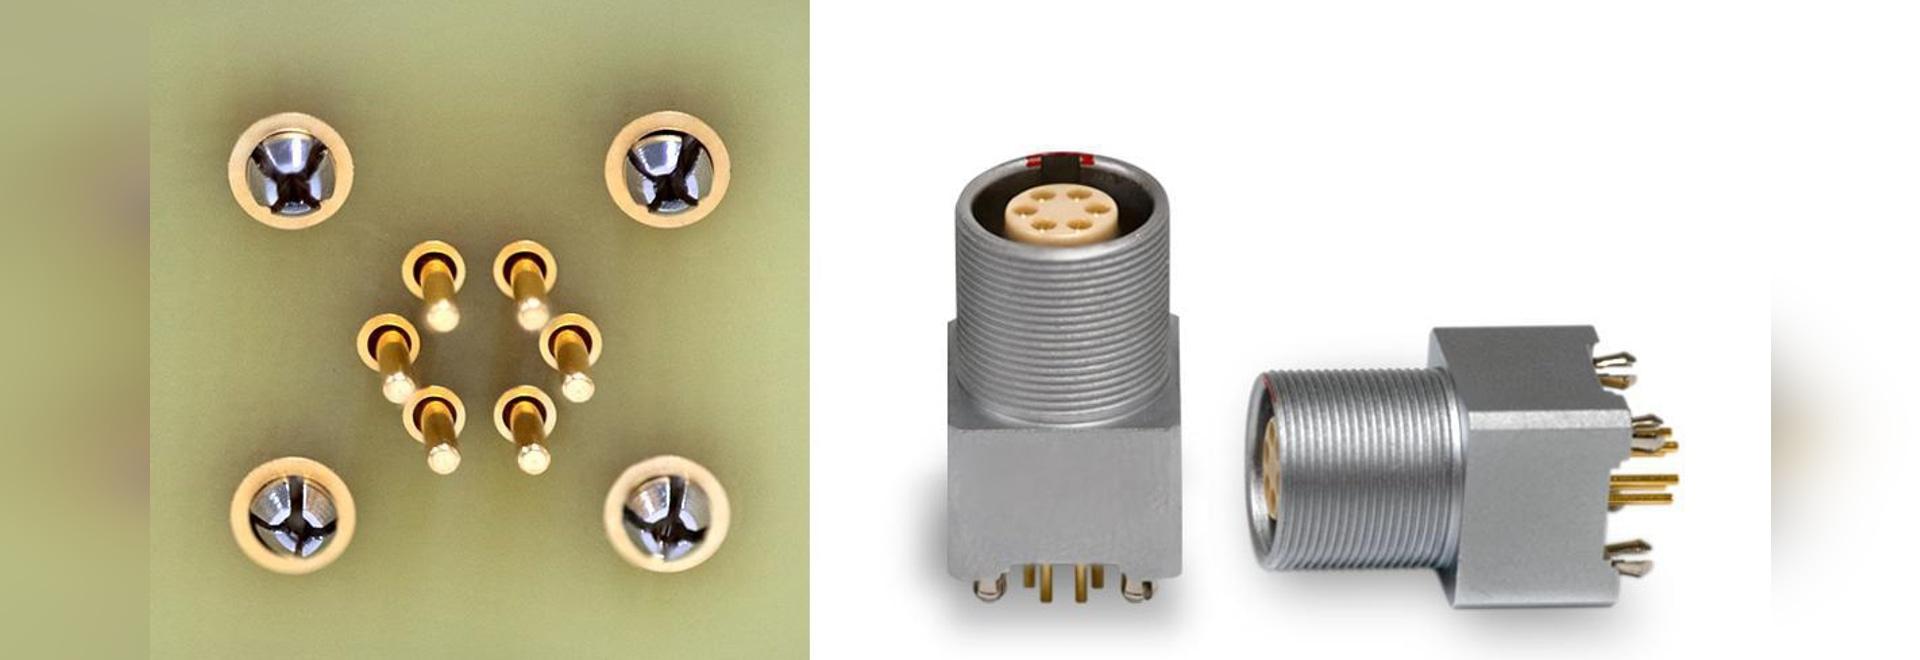 Press-Fit-Kontakte für gekrümmte und gerade PCB-Buchsen